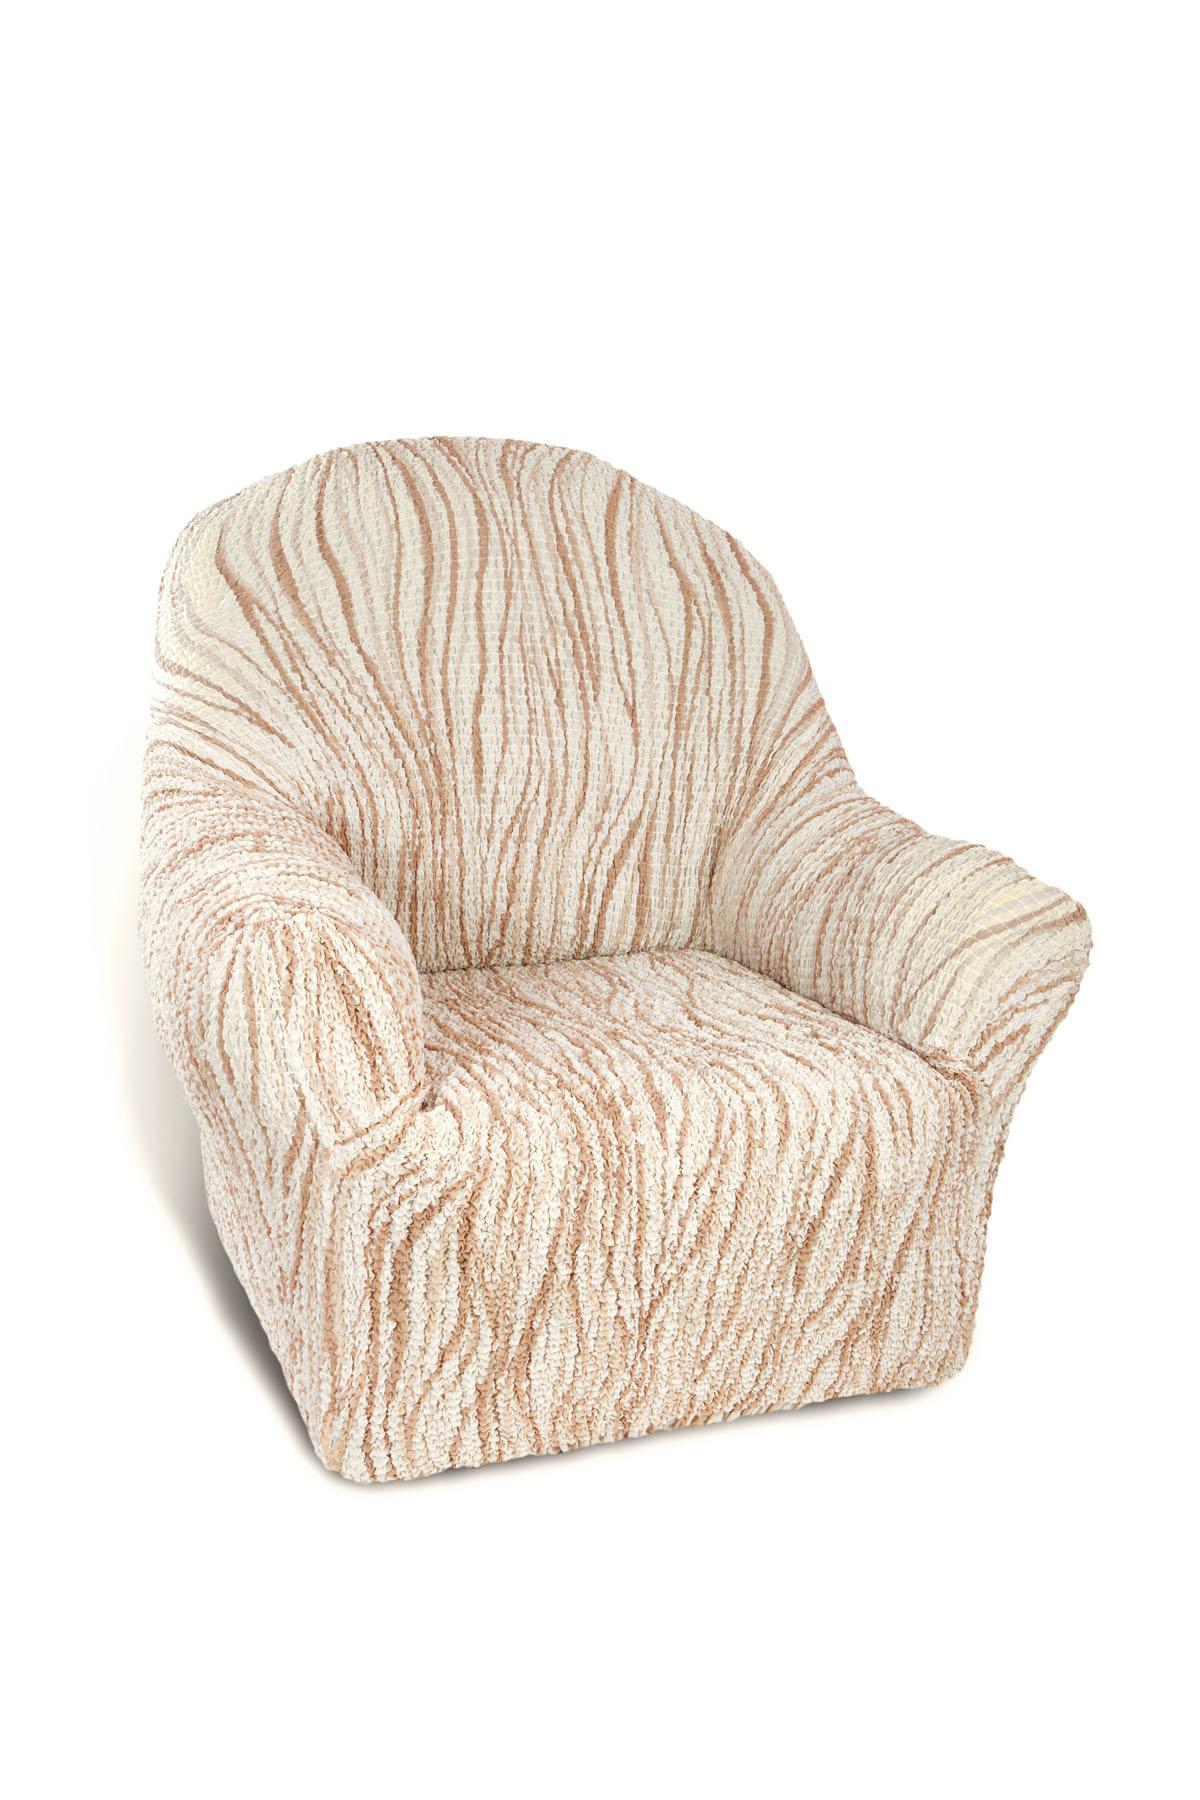 ТУЛЬСТА Чехол кресла - IKEA